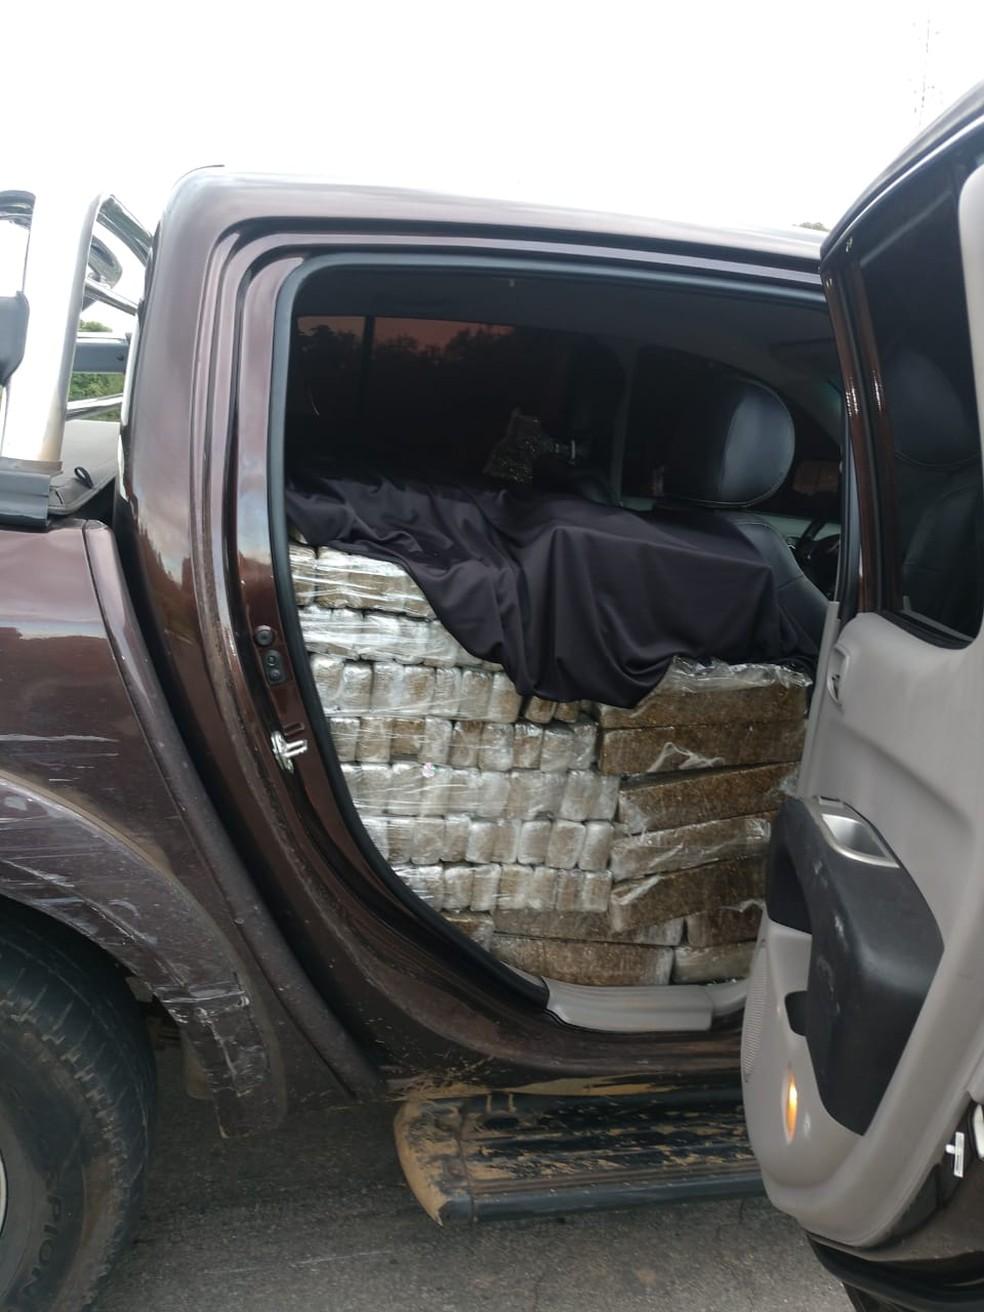 Droga estava em cima dos bancos e dentro da caçamba da caminhonete — Foto: Divulgação/PRF